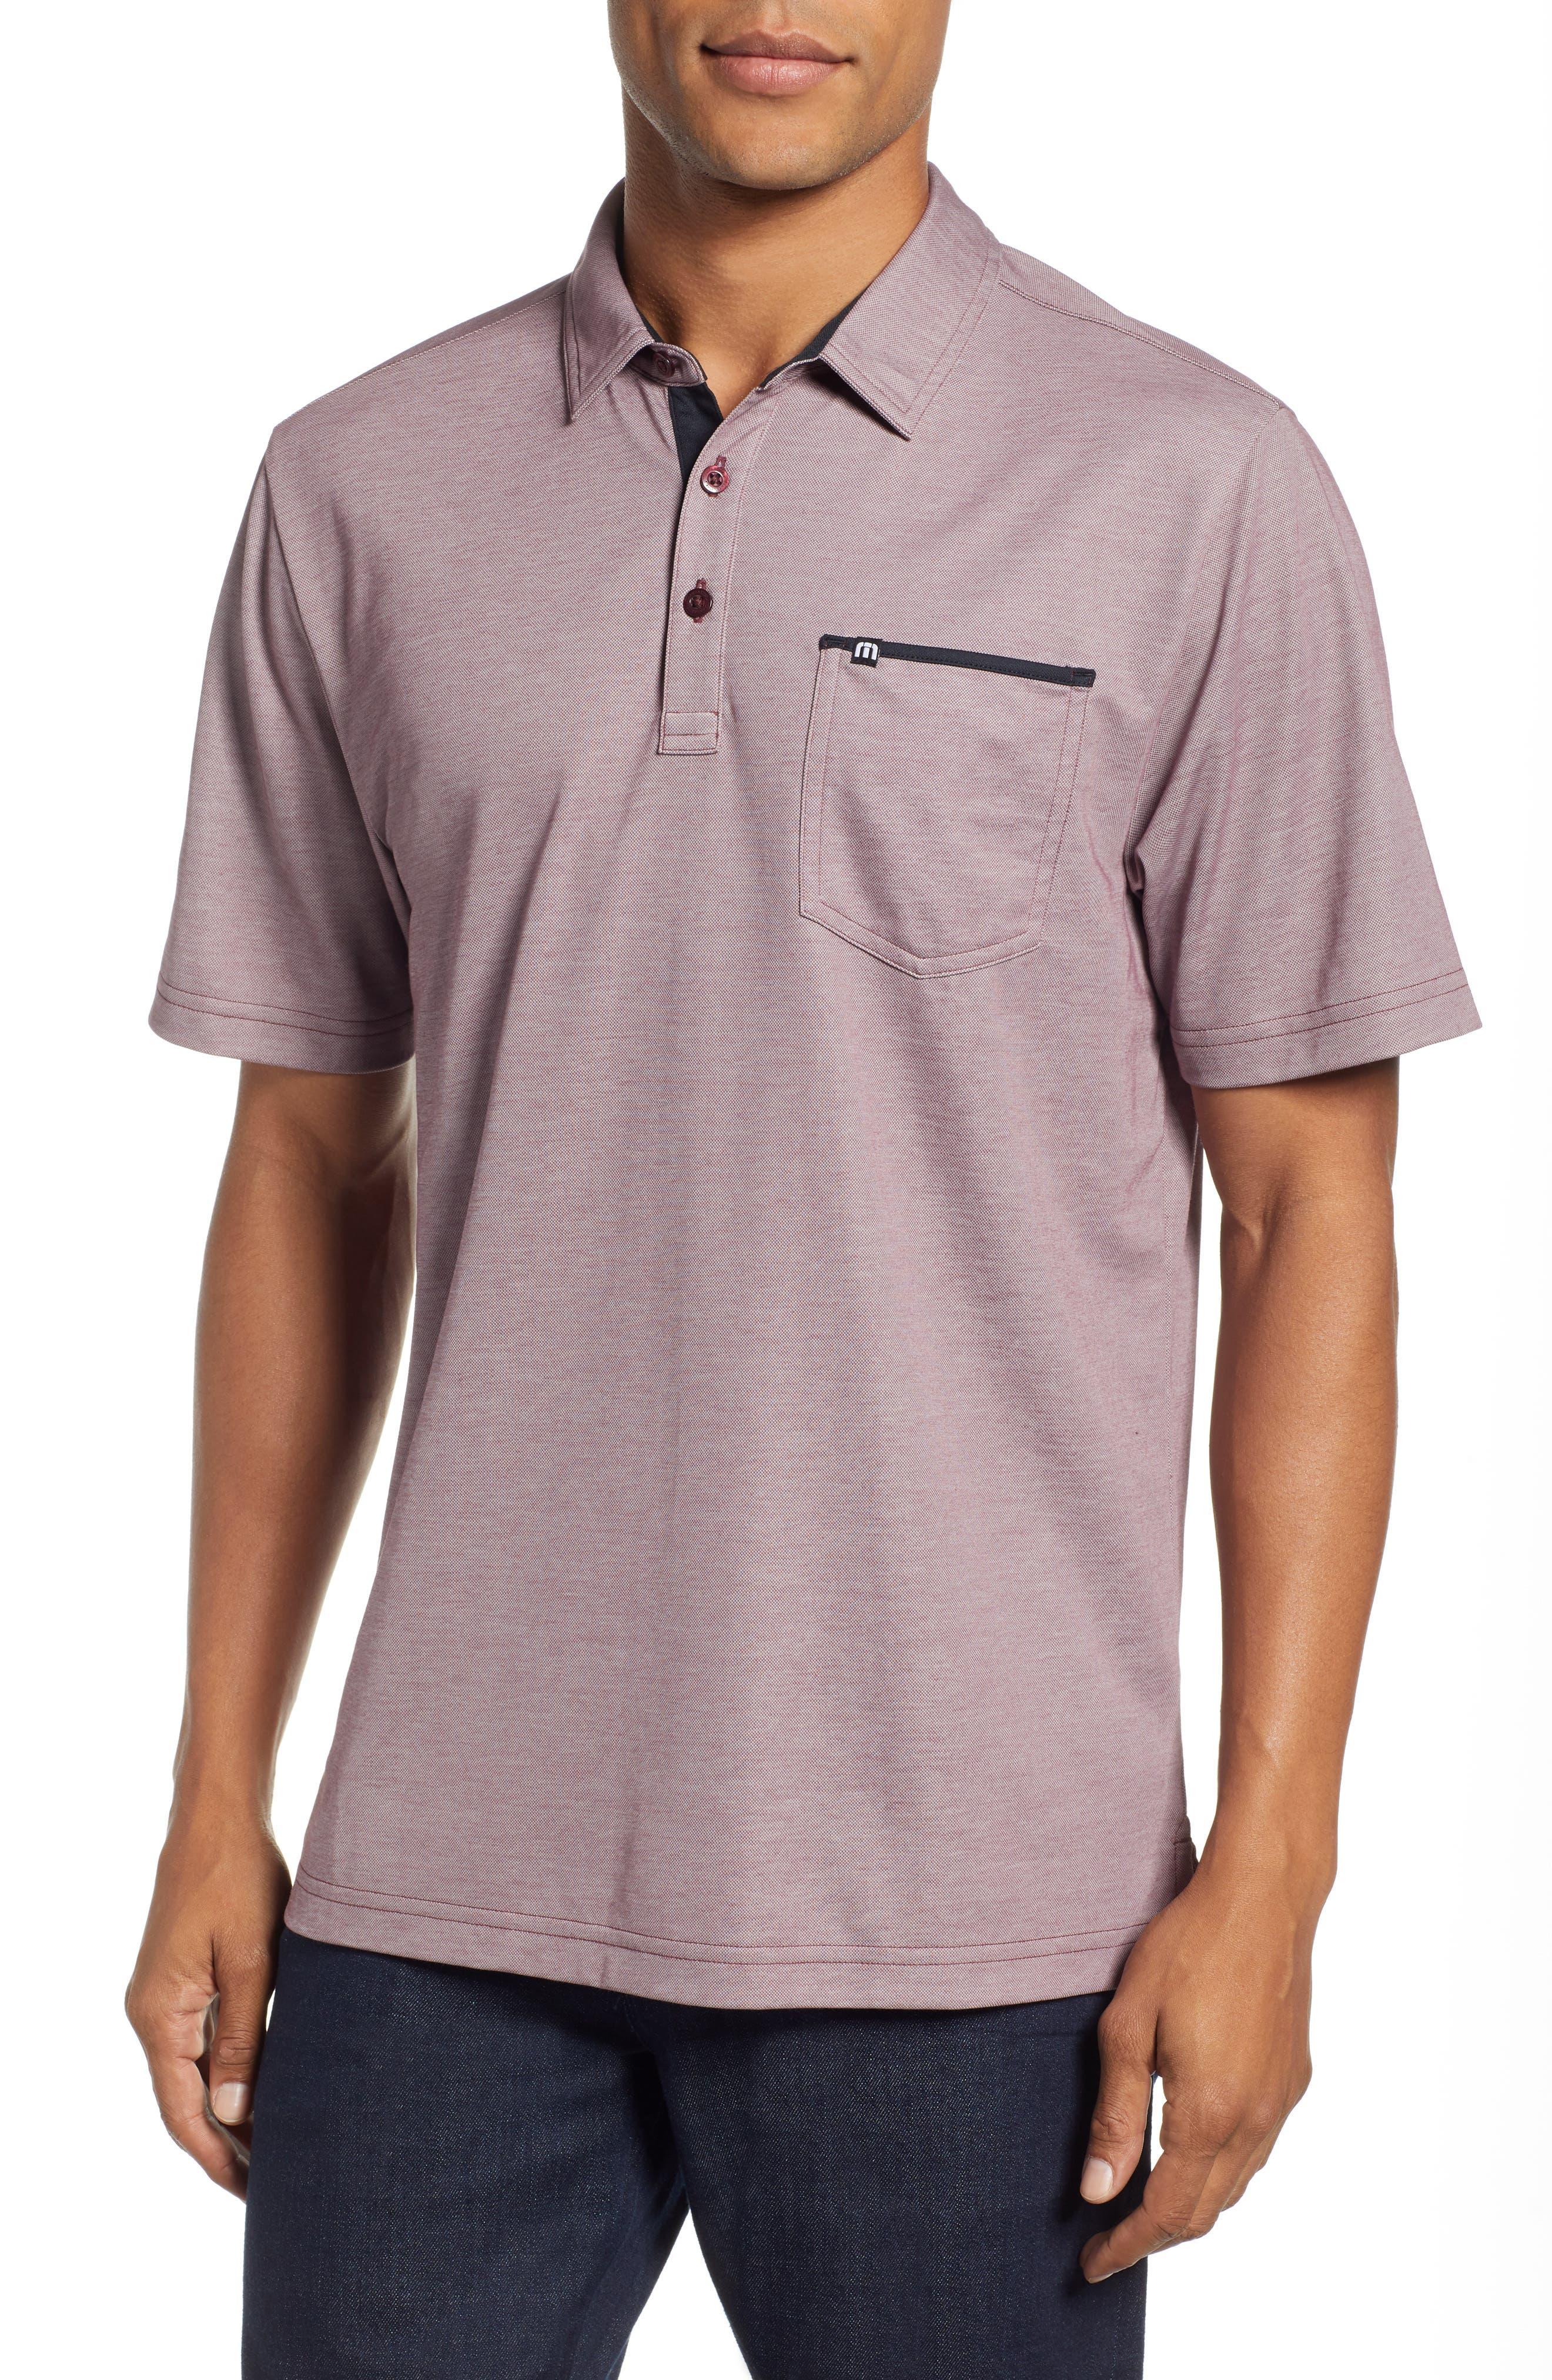 TRAVIS MATHEW Tonk Regular Fit Polo Shirt, Main, color, 600